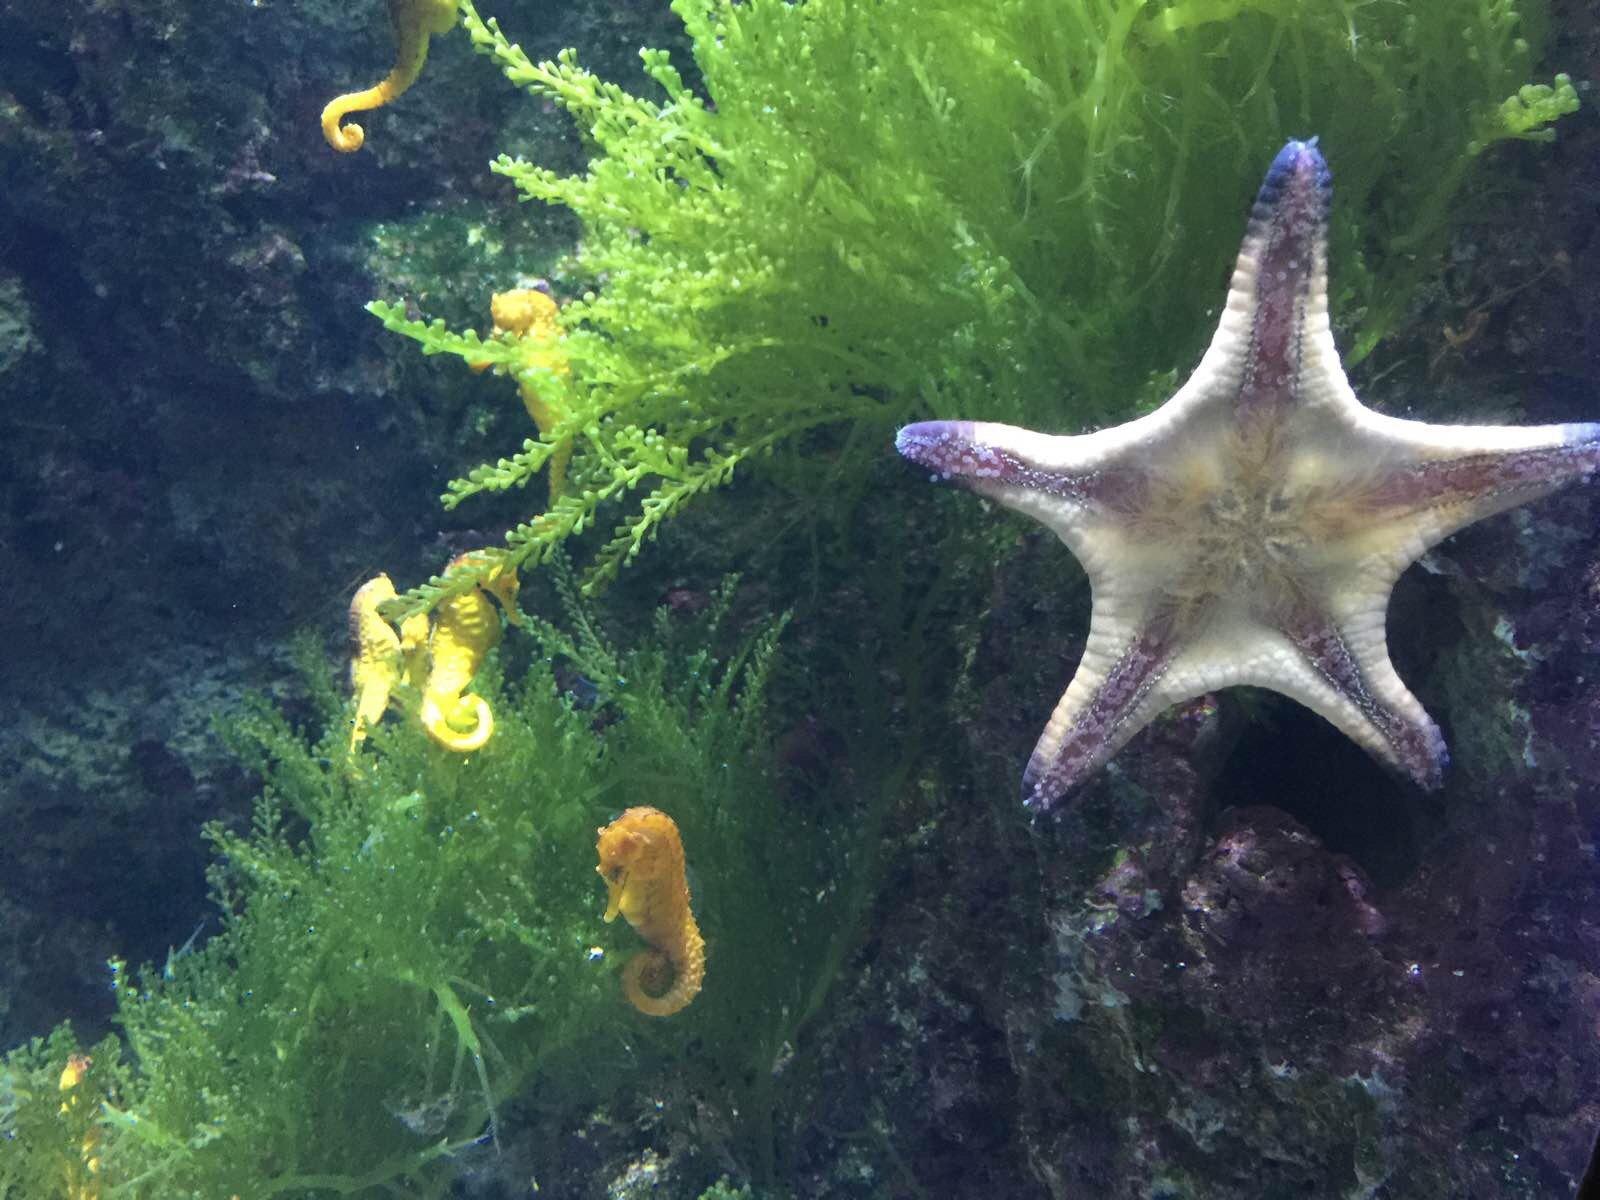 壁纸 动物 海底 海底世界 海洋馆 水族馆 鱼 鱼类 1600_1200